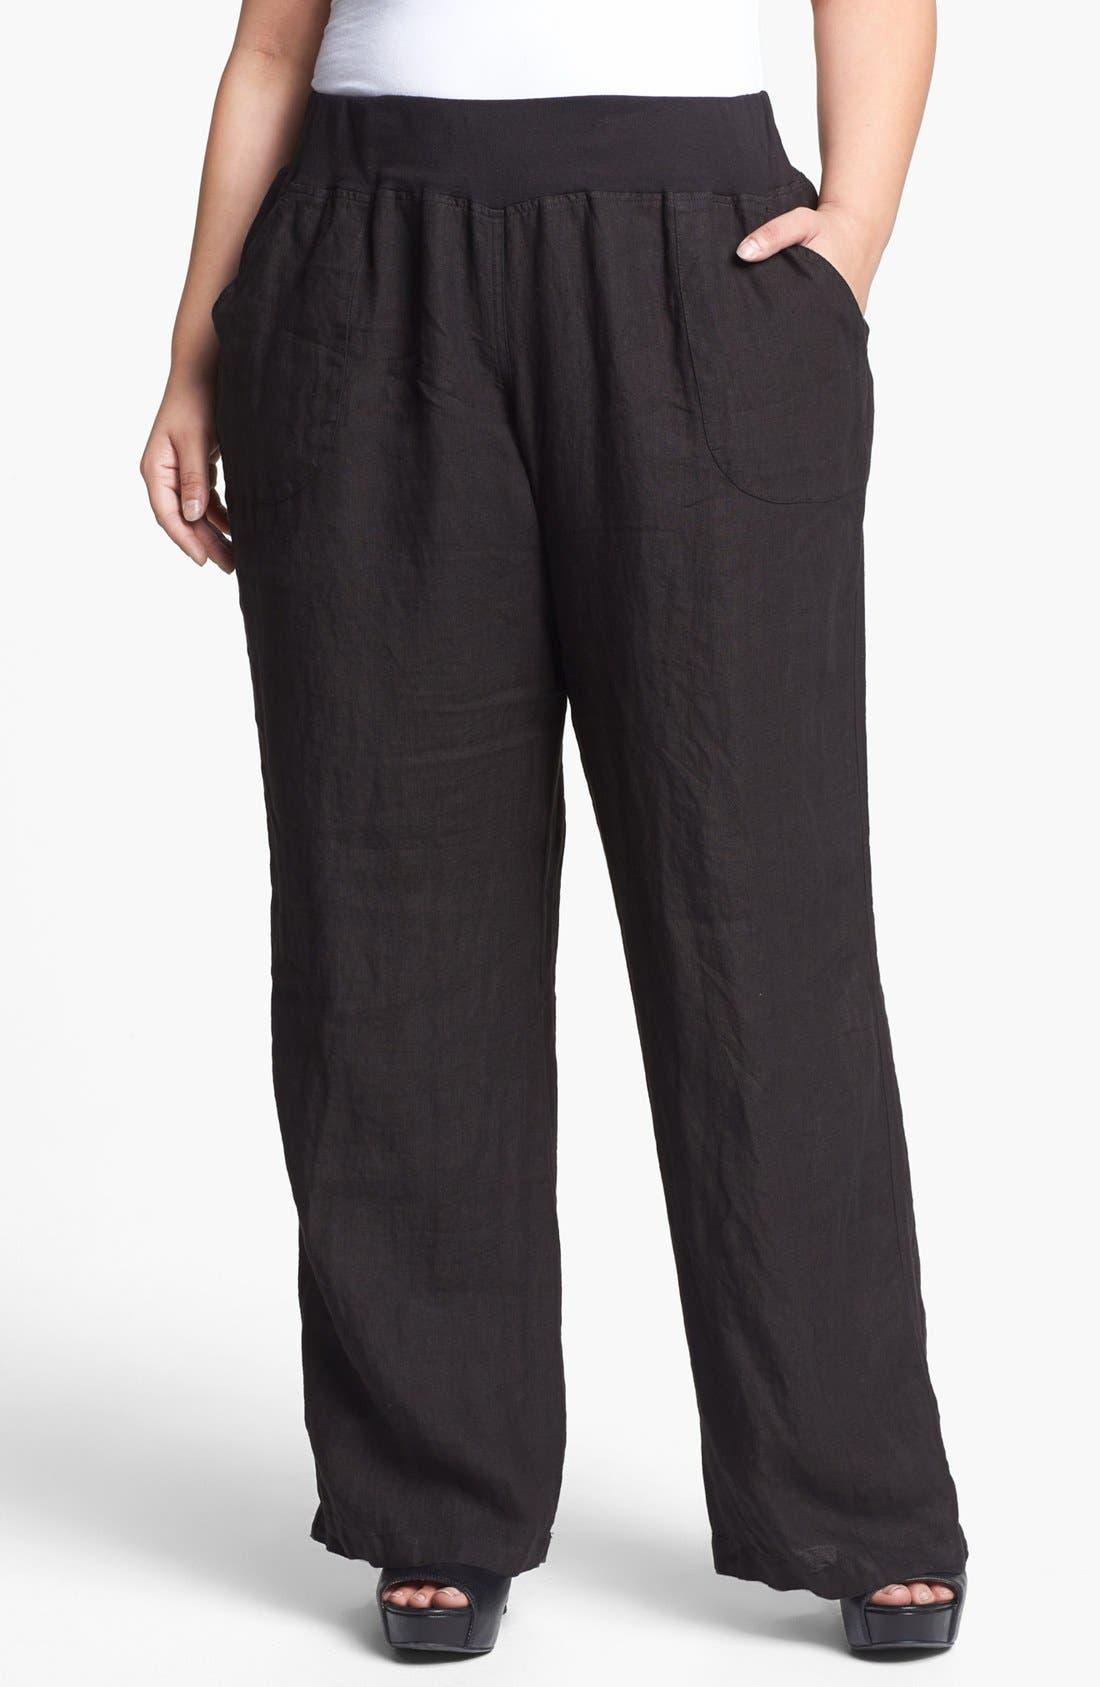 Alternate Image 1 Selected - Allen Allen Wide Leg Linen Pants (Plus Size)